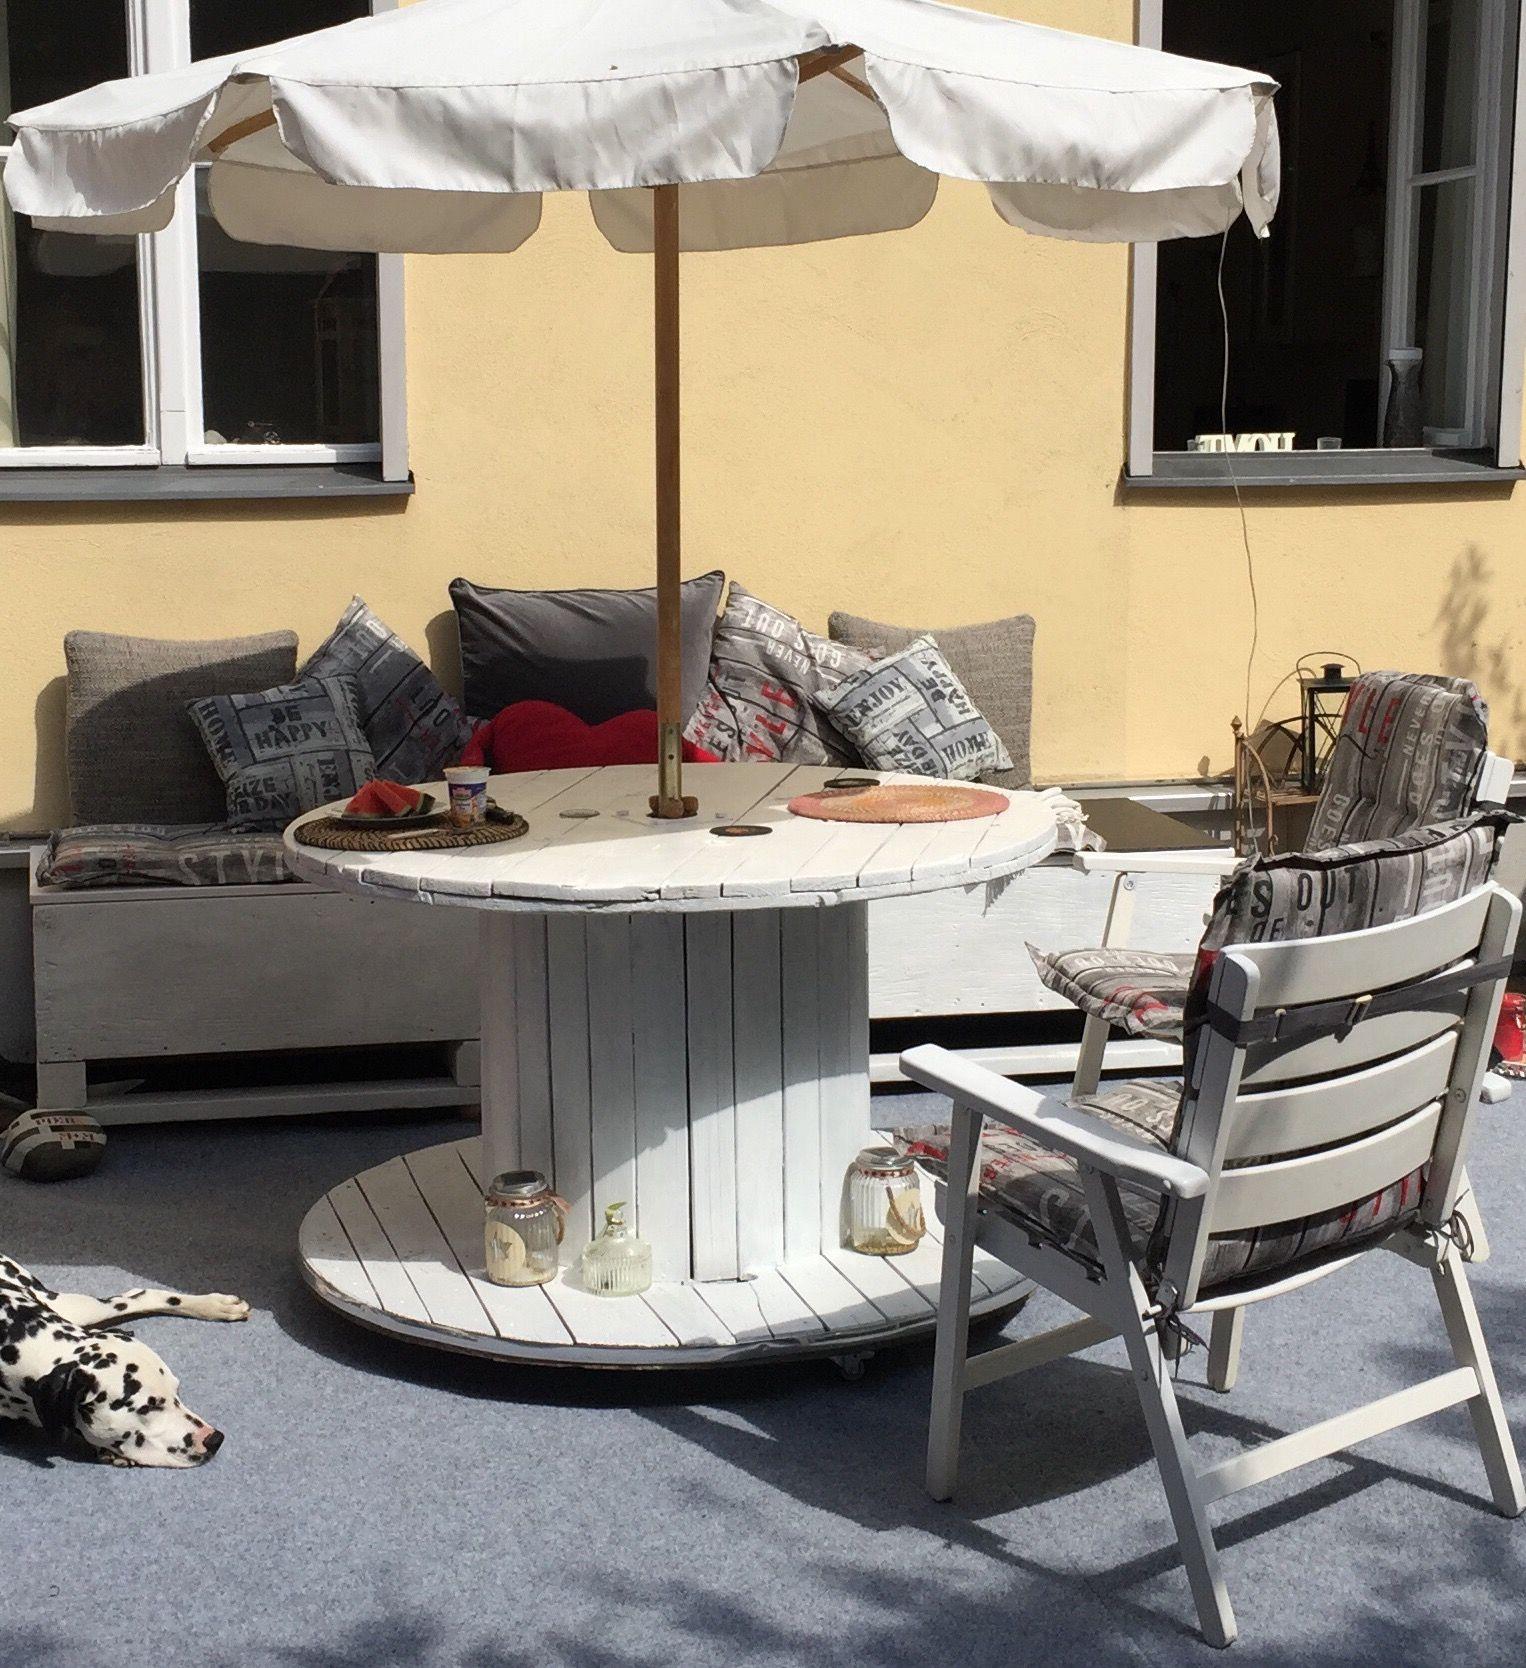 Kabeltrommeltisch Gartentisch Tisch Gartenmobel Urban White Gardening Kabeltrommel Weiss Mobel Aus Paletten Kabeltrommel Tisch Mobel